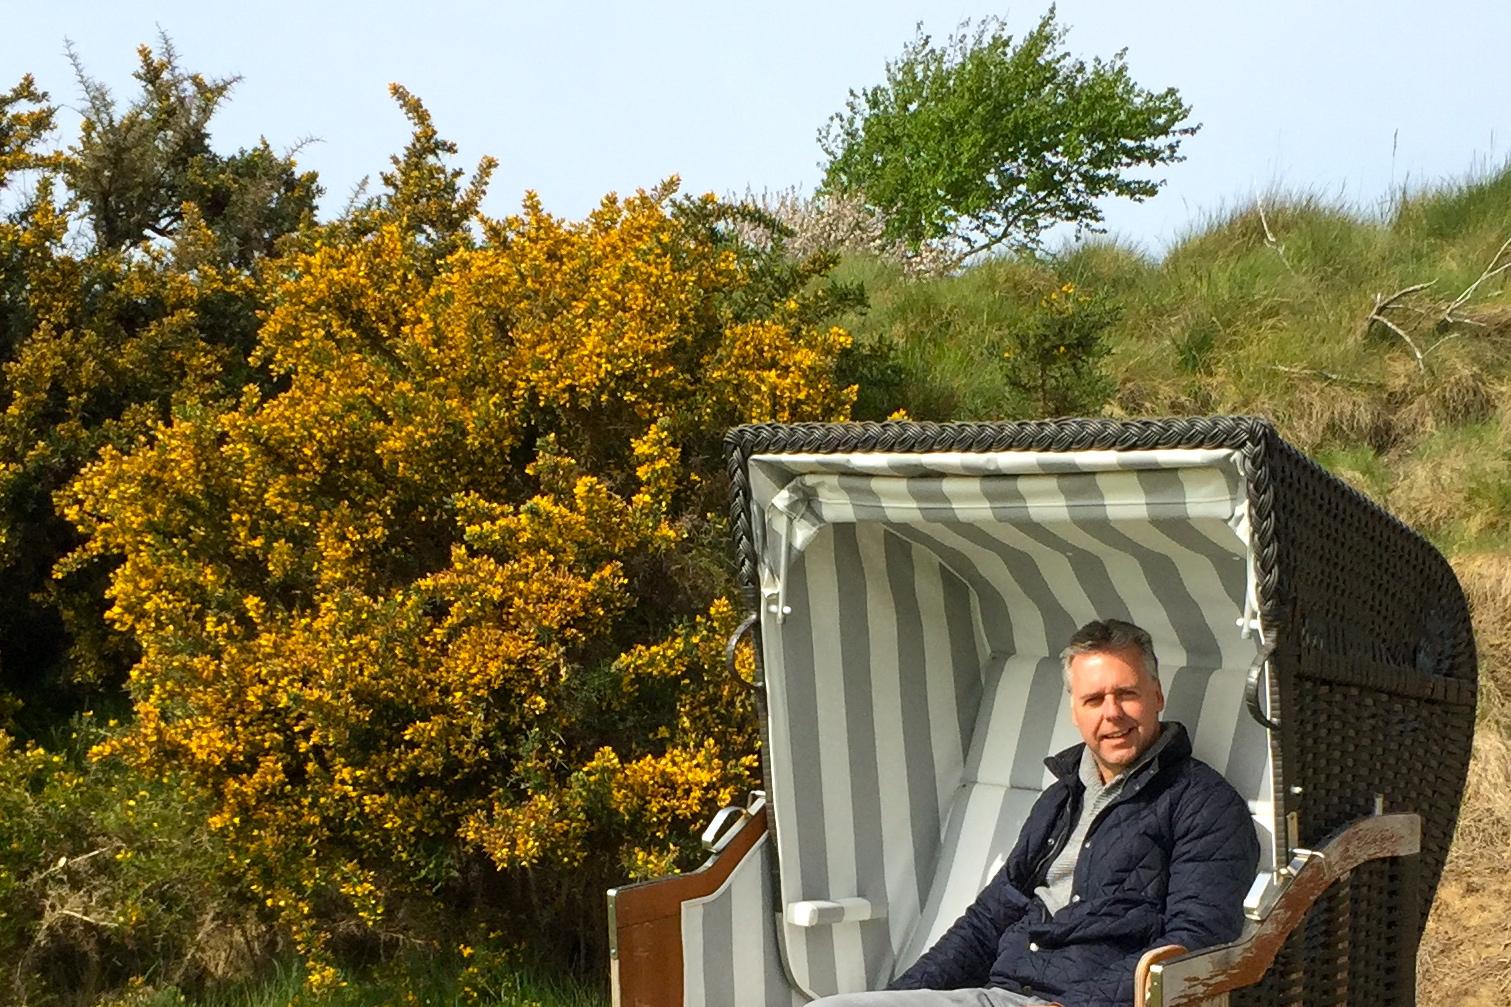 """""""Auf solchen spannenden Plätzen wird immer Golf gespielt werden"""": Dr. Reinhard Koss im Golf Club Föhr. (Foto: Michael F. Basche)"""